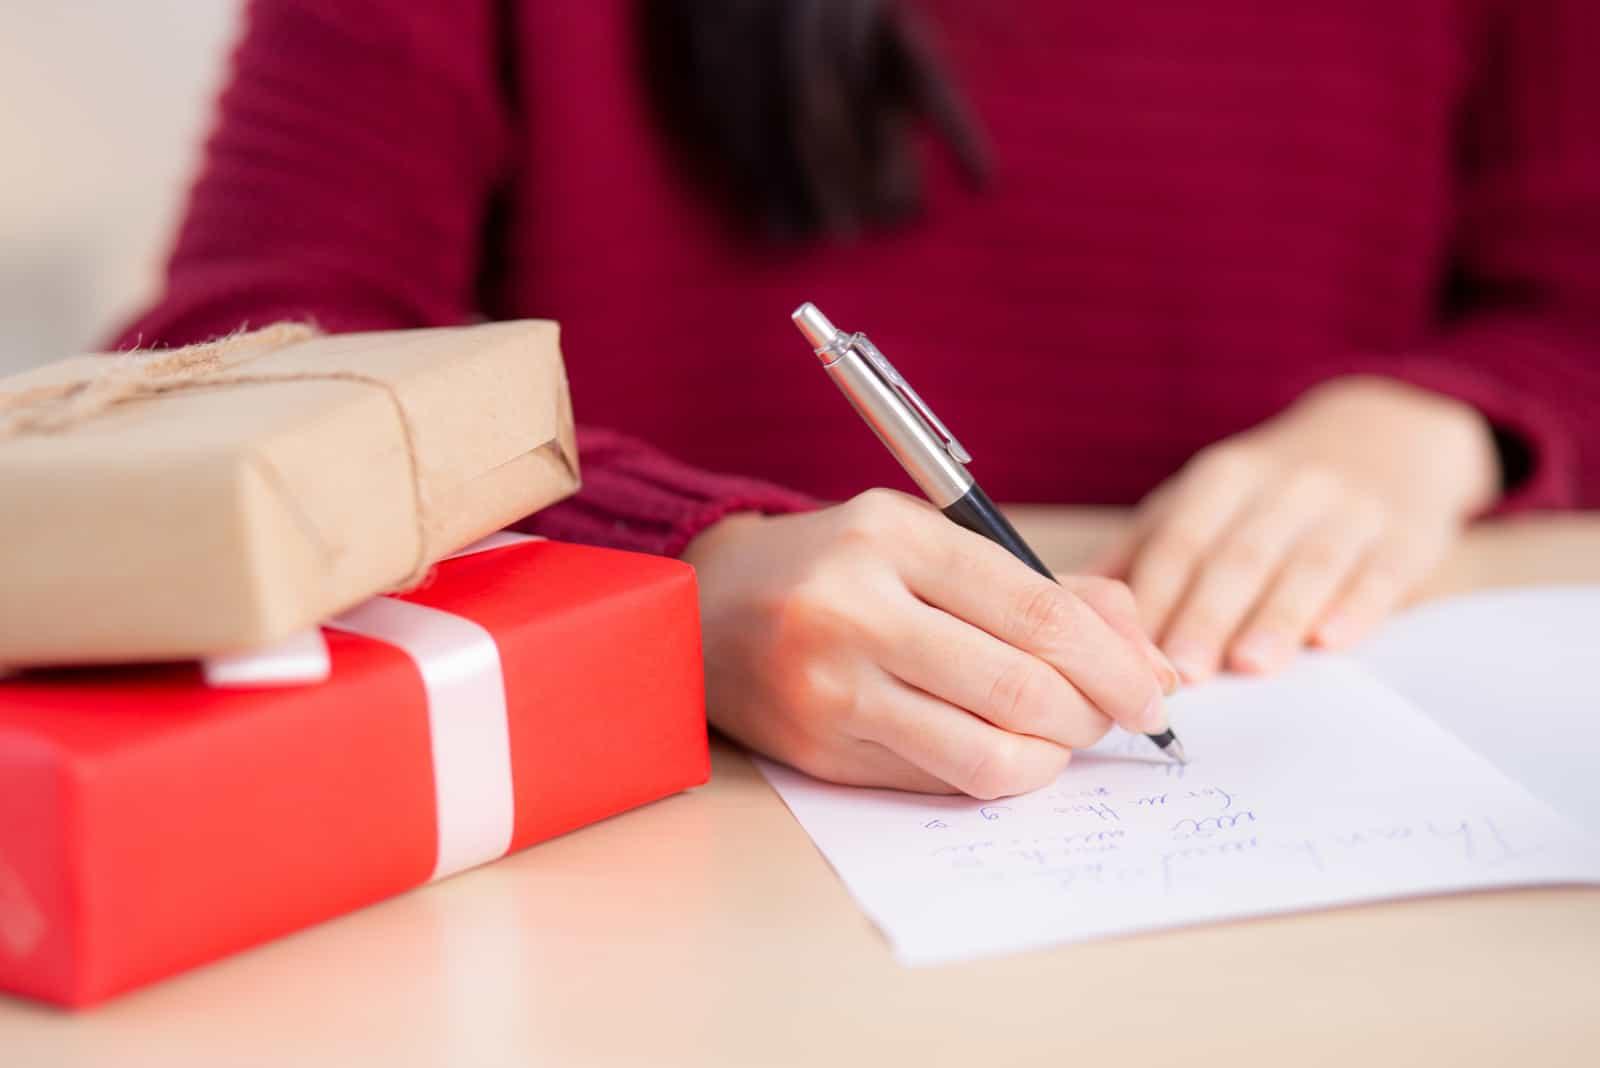 la femme est assise à table et écrit